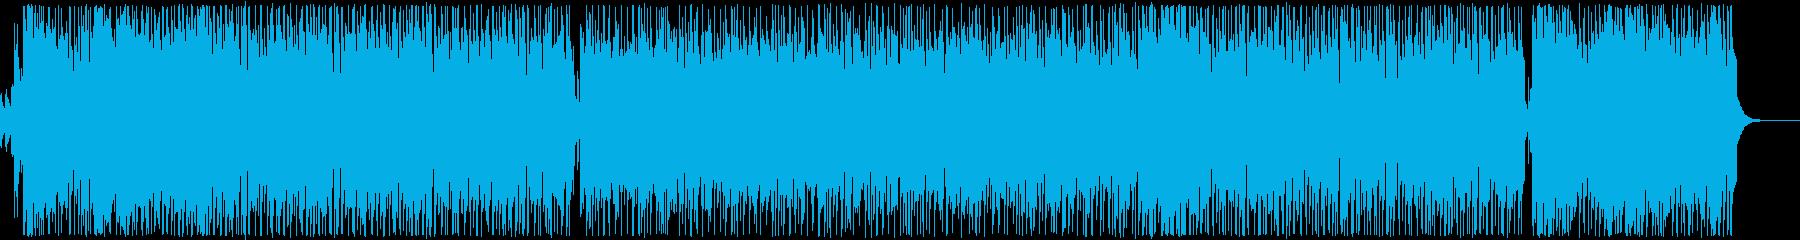 激しく疾走感のある三味線ハードロックの再生済みの波形